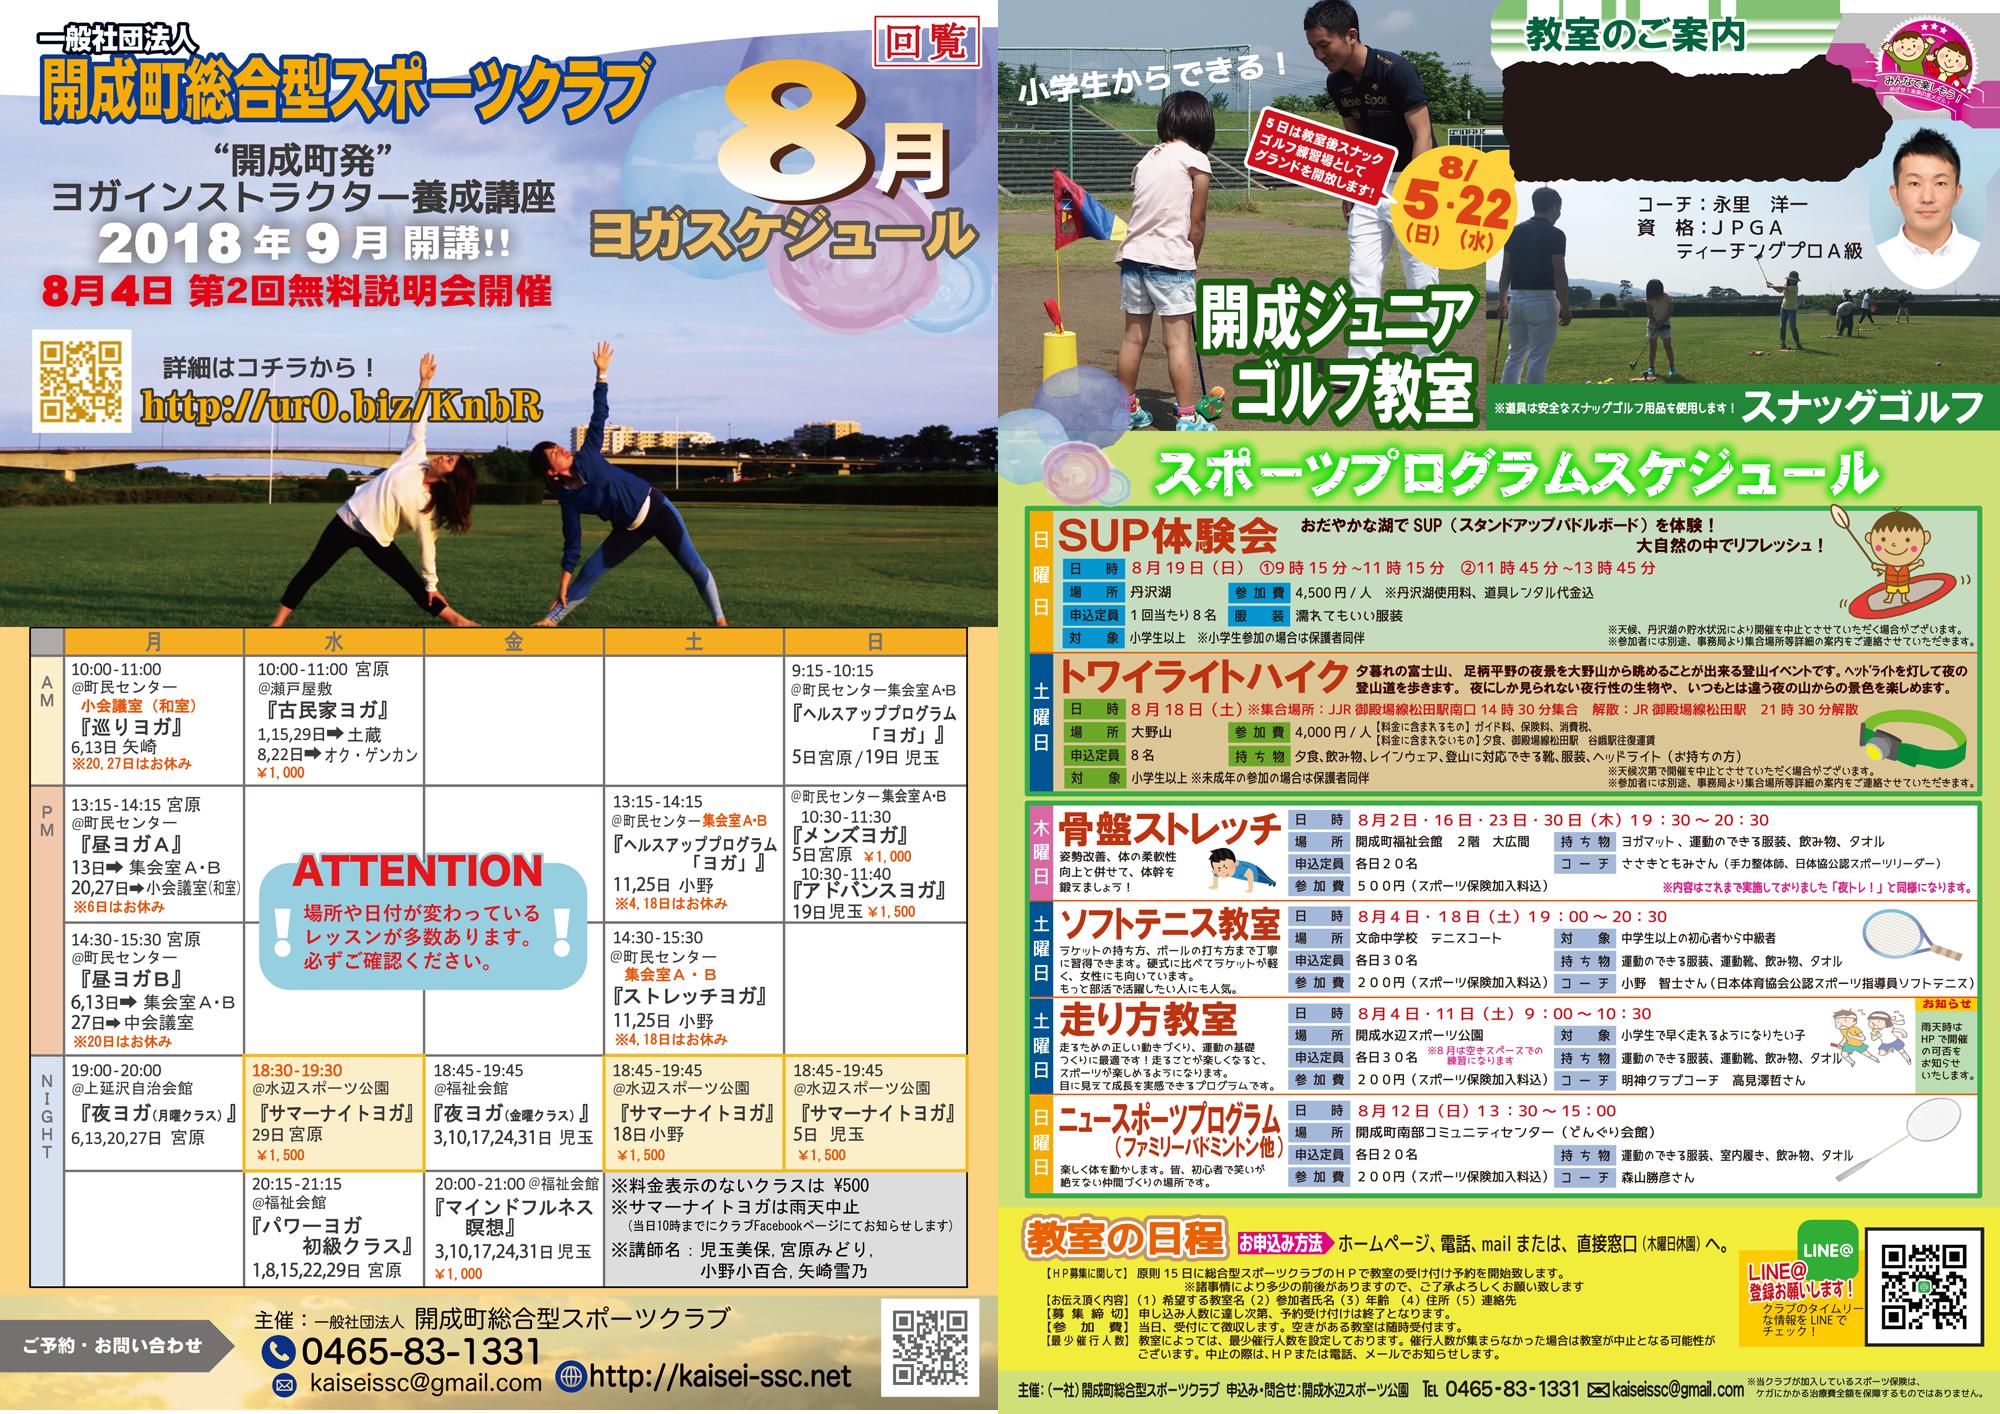 平成30年8月のスポーツ教室